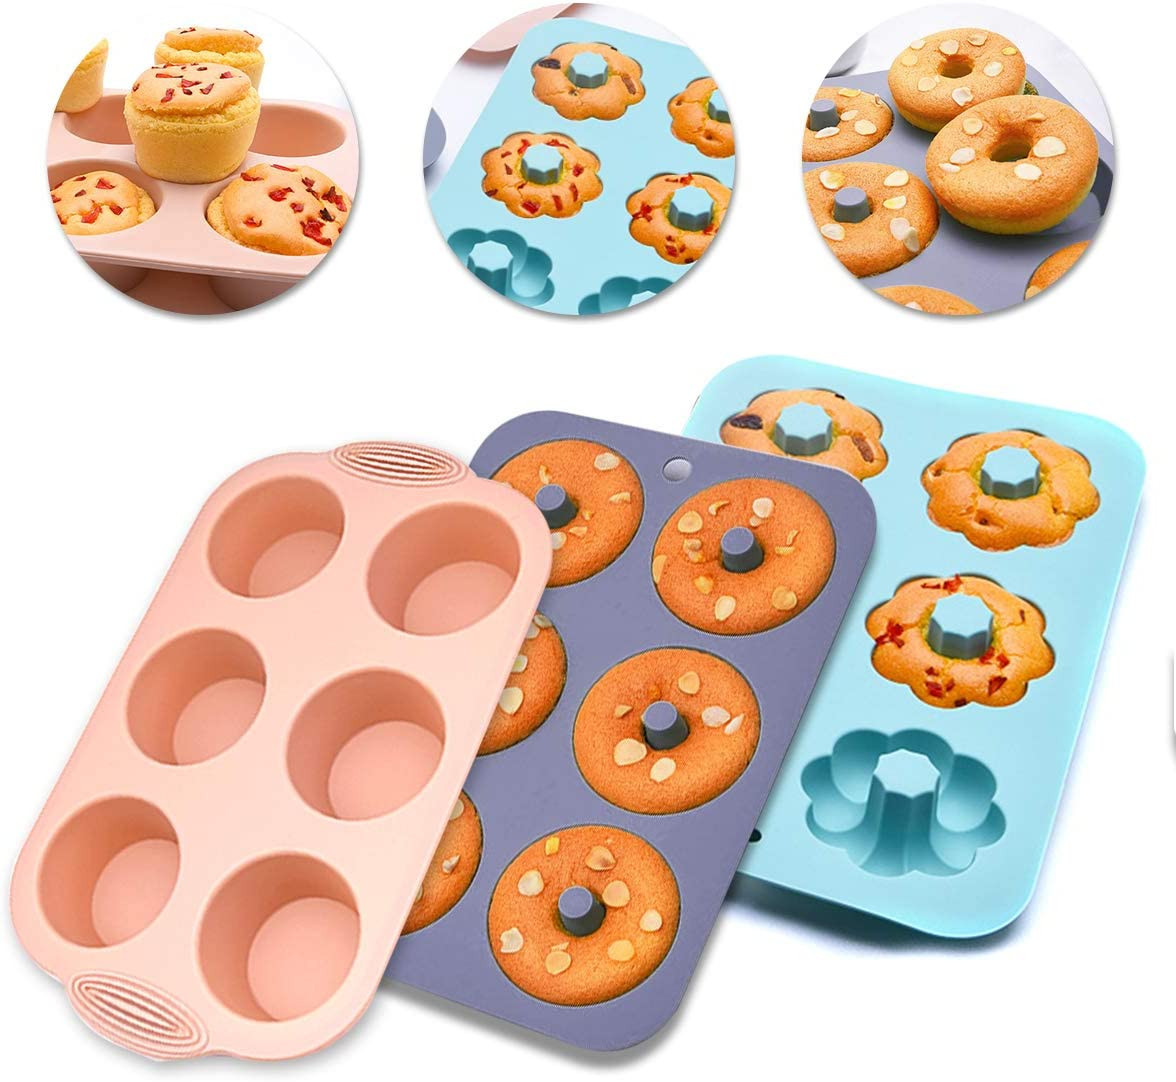 Stampi Silicone Dolci Elinala Stampo Silicone Ciambella 3PCS Silicone Antiaderente Cupcake Muffin Cioccolato Ciambella Stampo da Forno Teglia da Forno con 6 cavit/à